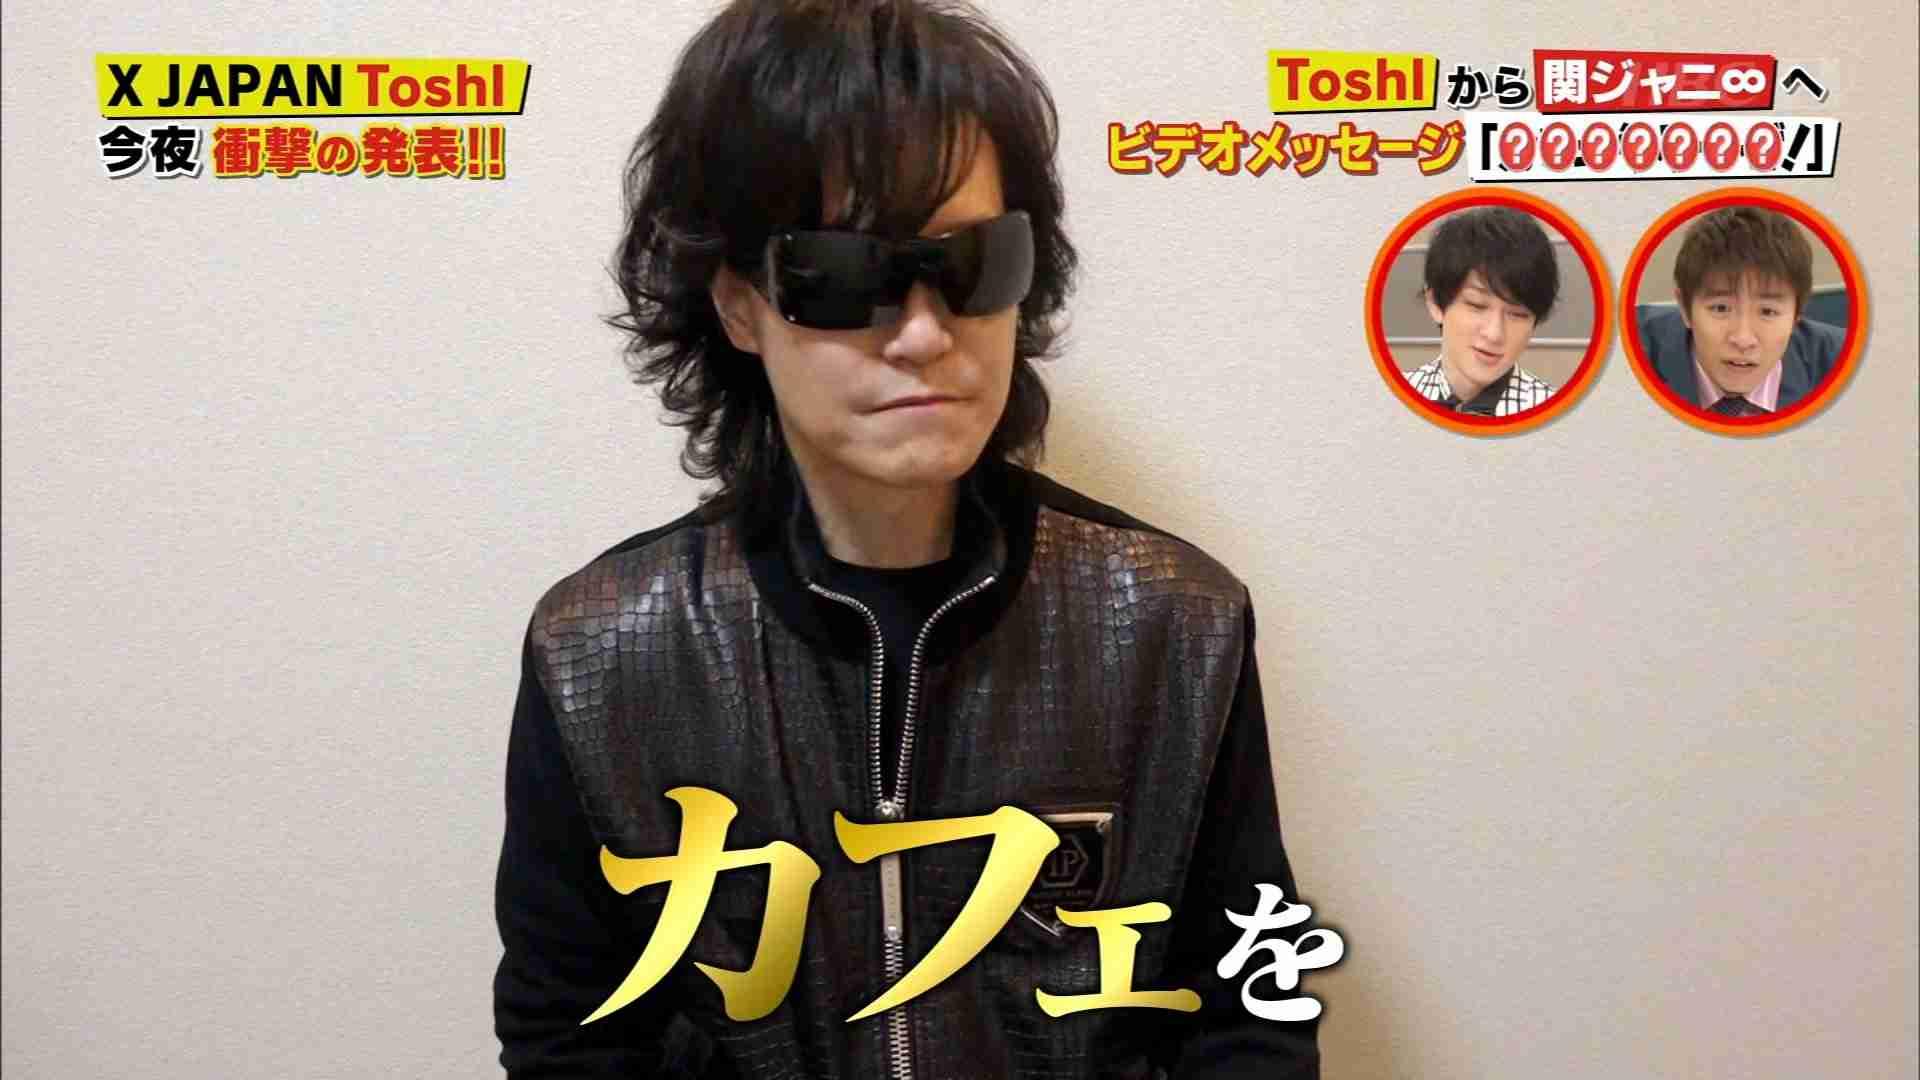 関ジャニ∞の出番がない? 冠番組がToshlに乗っ取られてファンの不満爆発